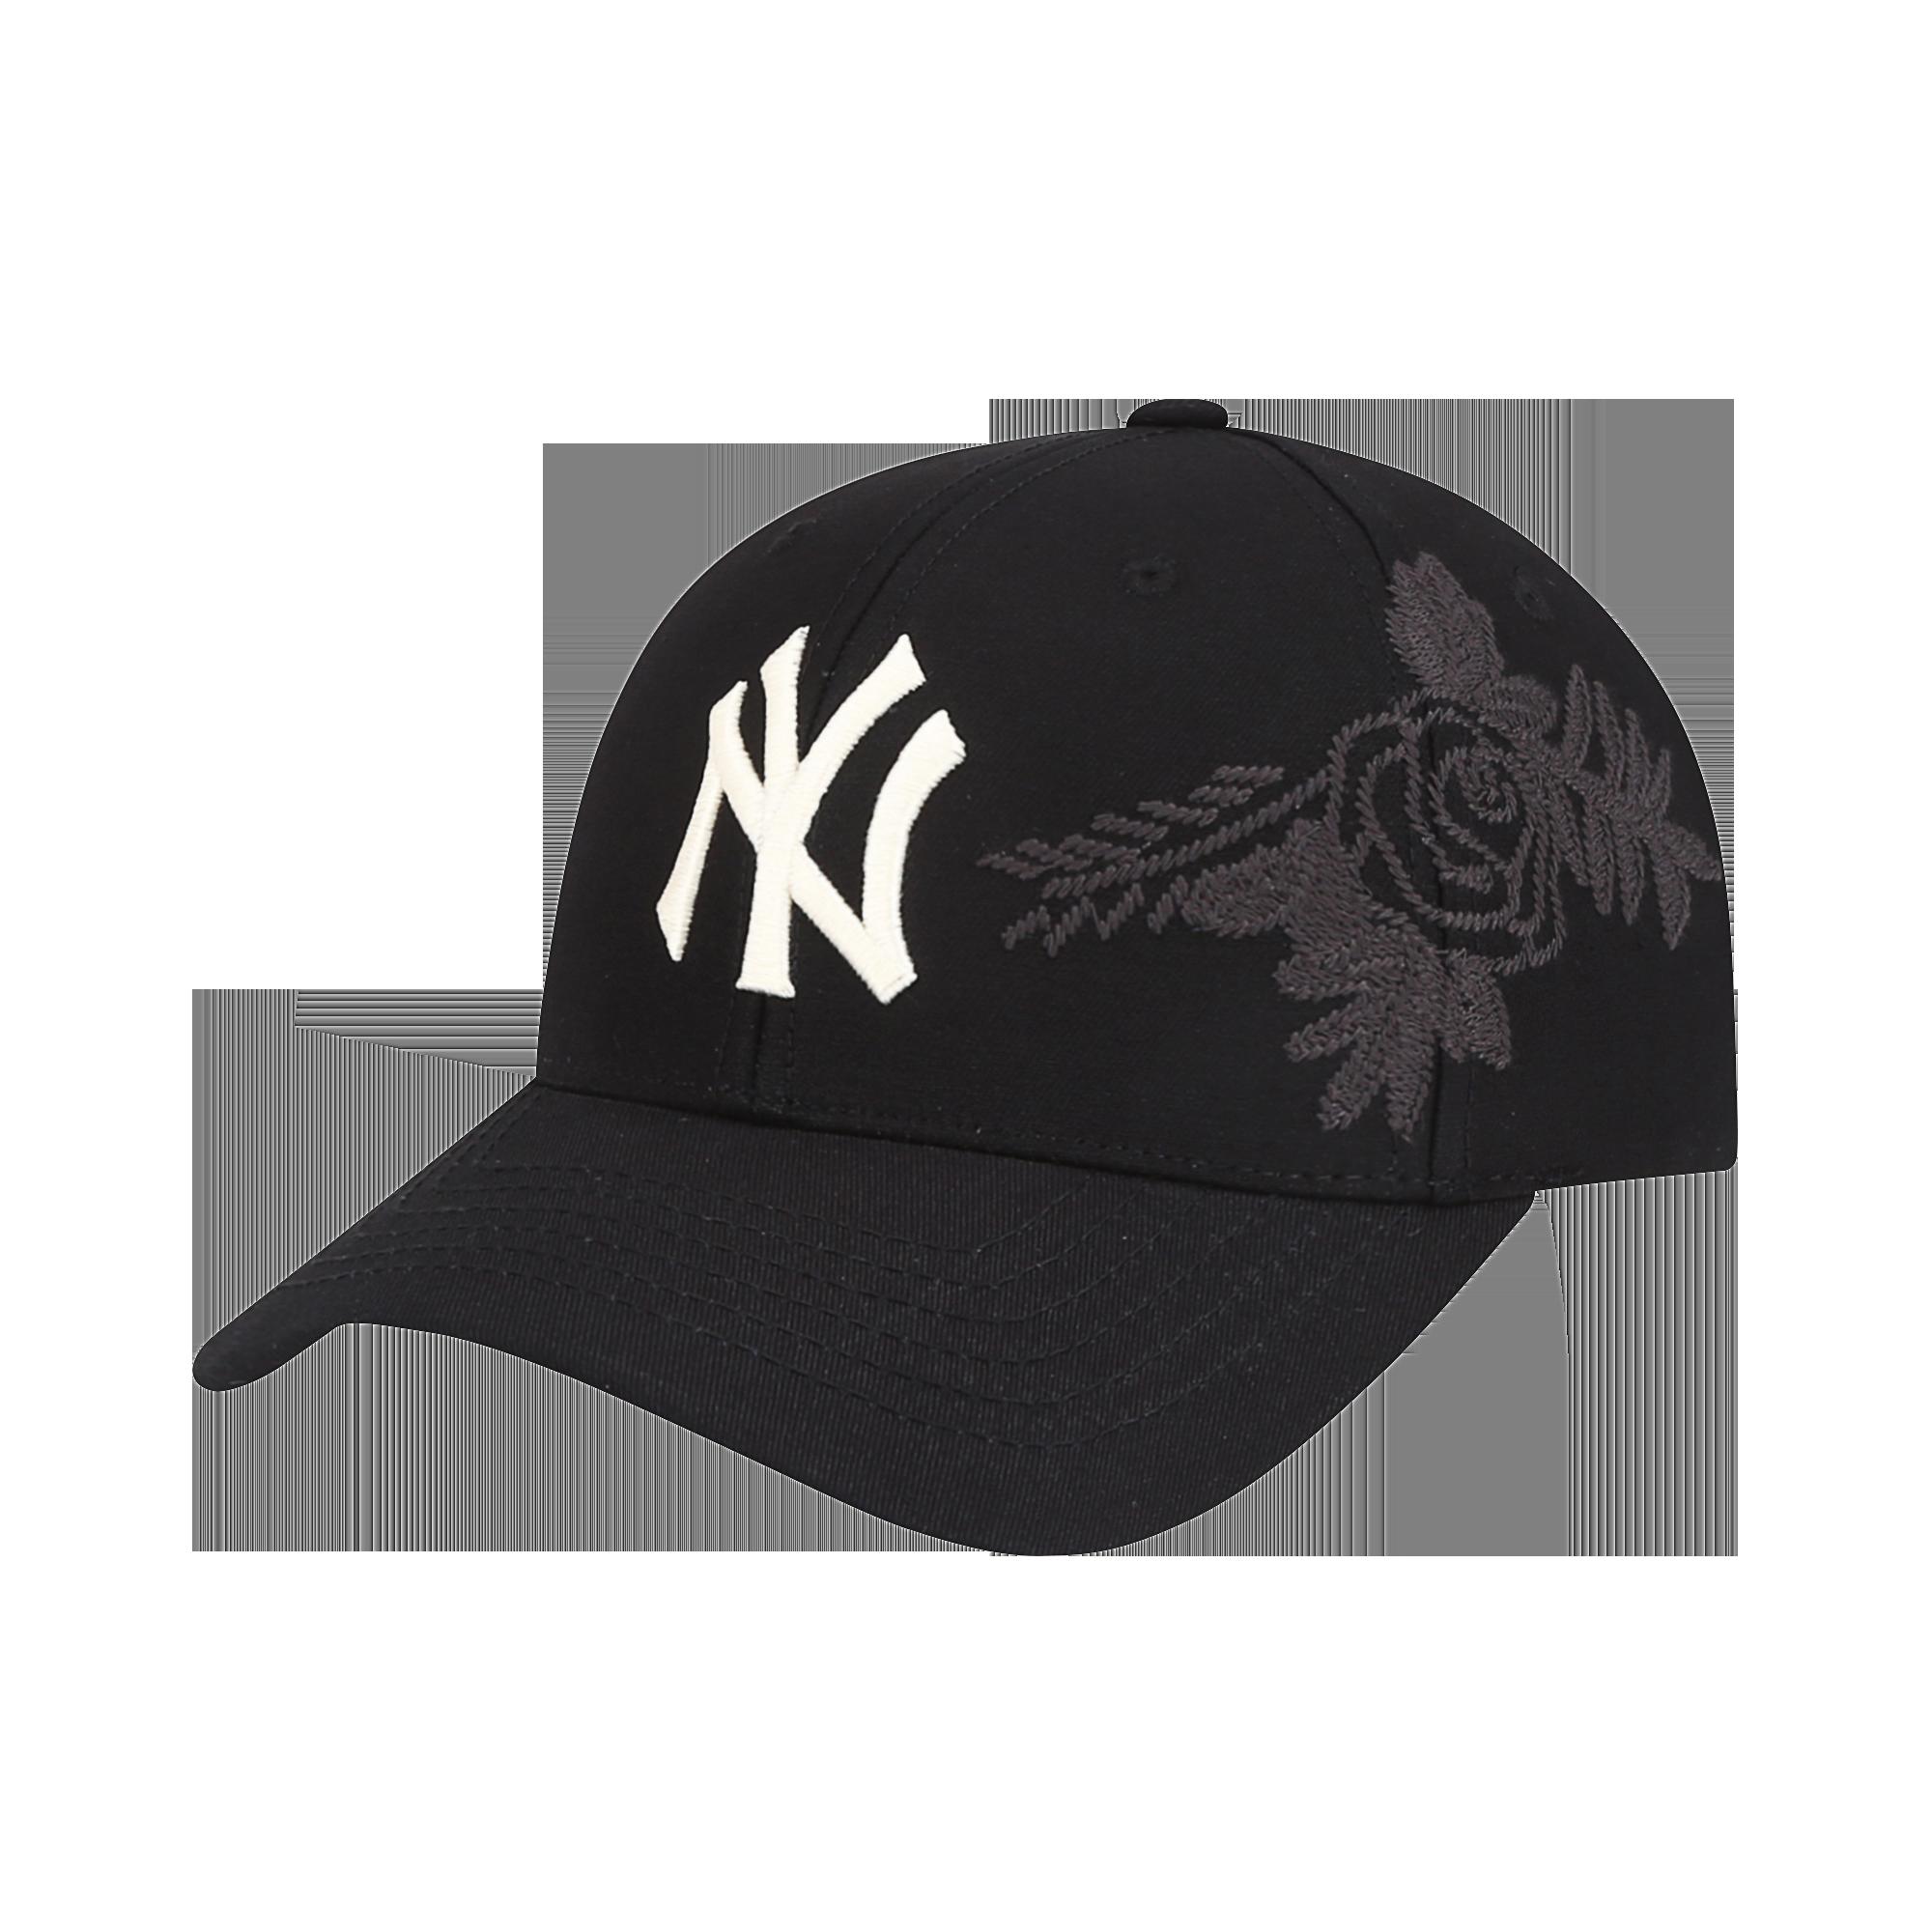 acad62206 MLB